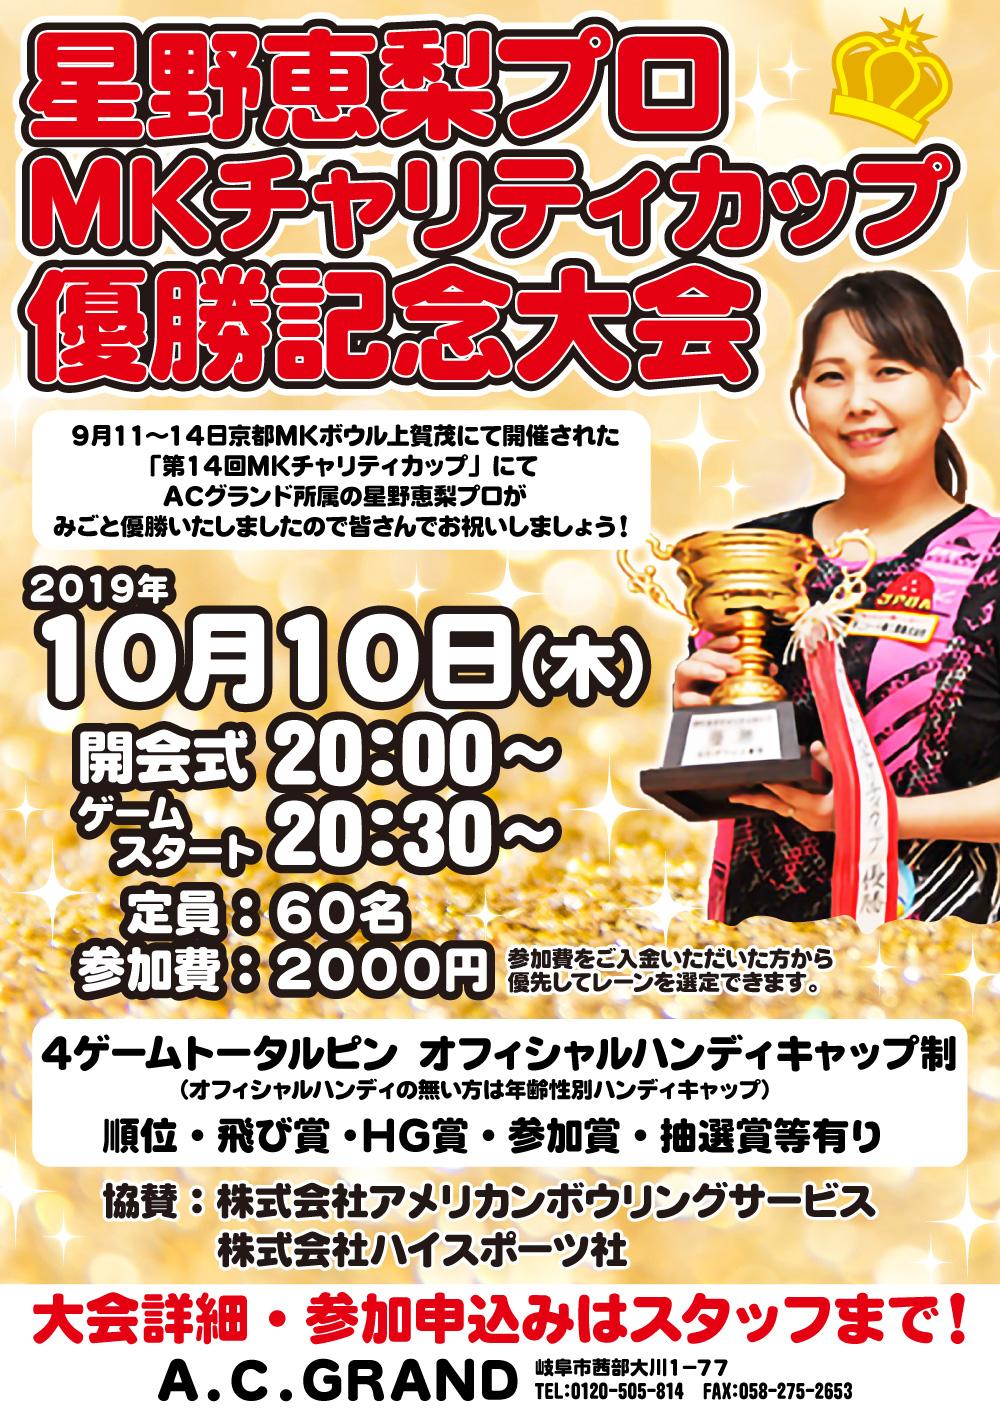 星野恵梨プロ優勝記念大会